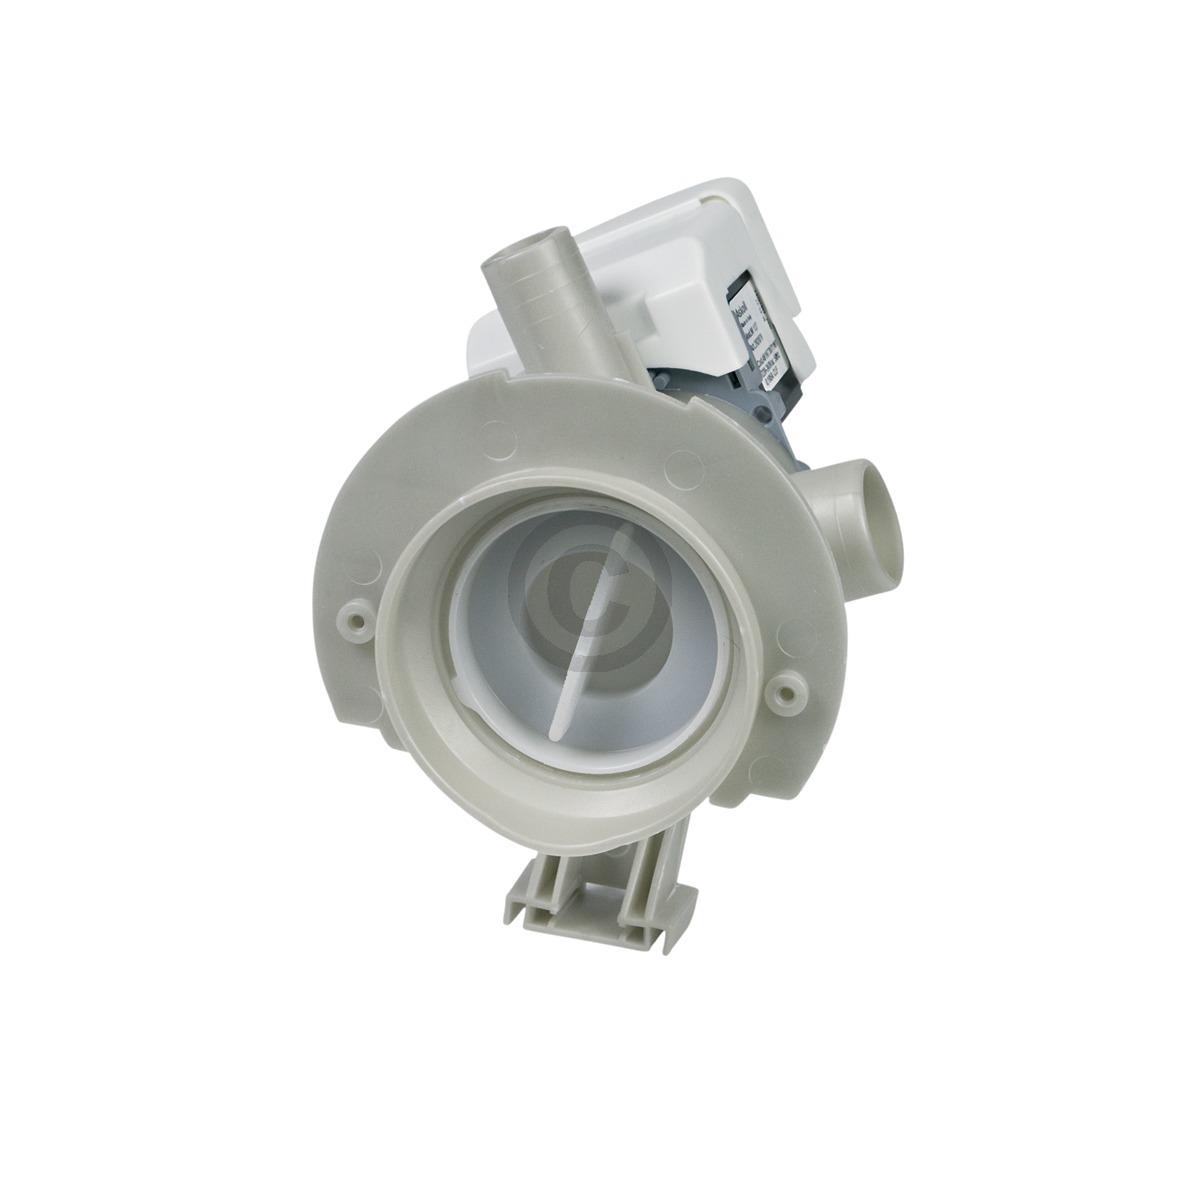 Ablaufpumpe Whirlpool 481073071153 Askoll mit Pumpenkopf und Sieb